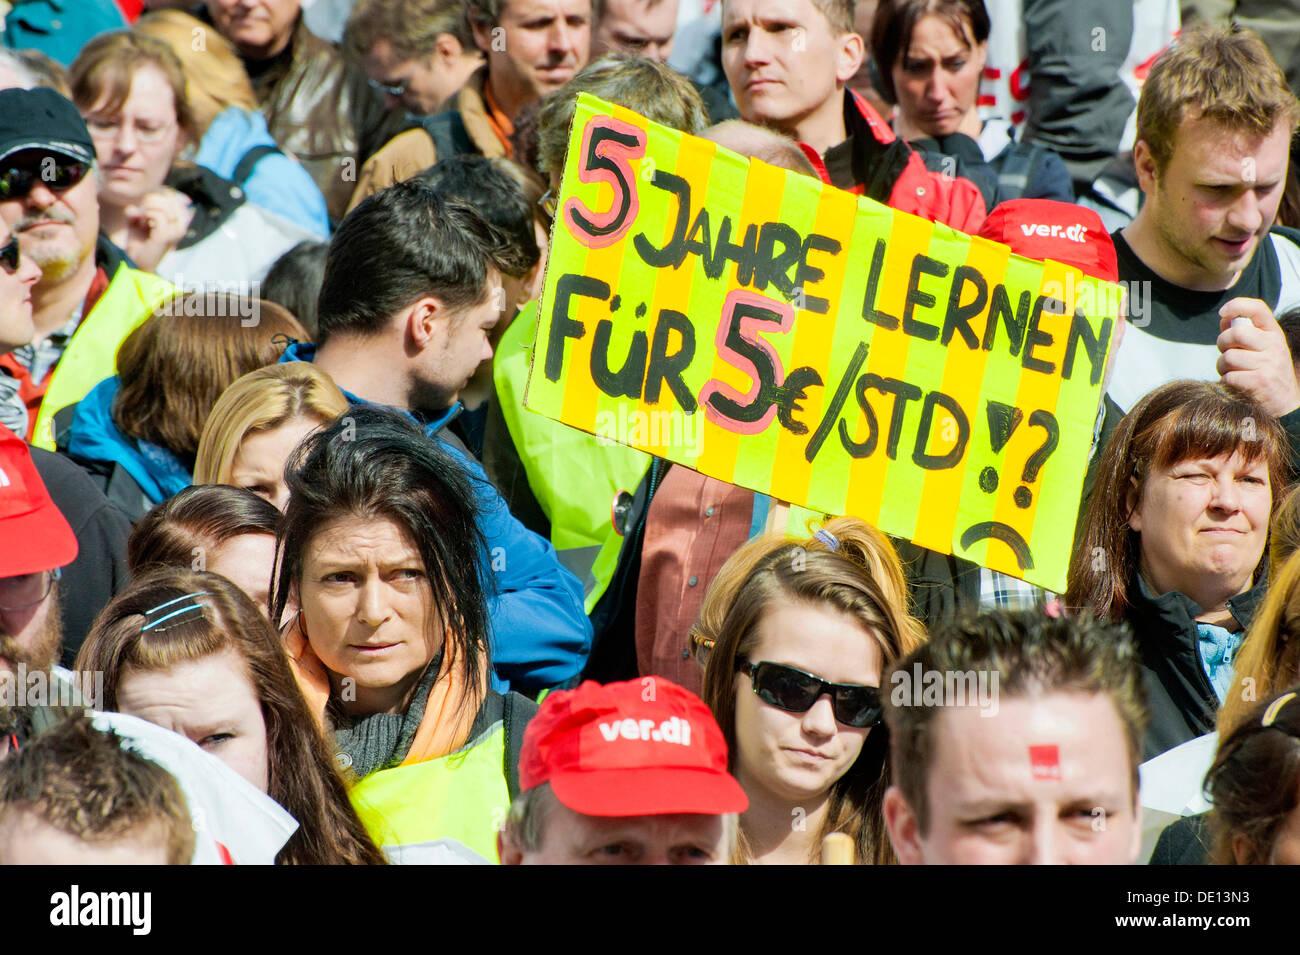 """Banner 5 Jahre Lernen, Fuer 5 Euro pro Stunde """", Deutsch für""""fünf Jahre lang für fünf Stockbild"""